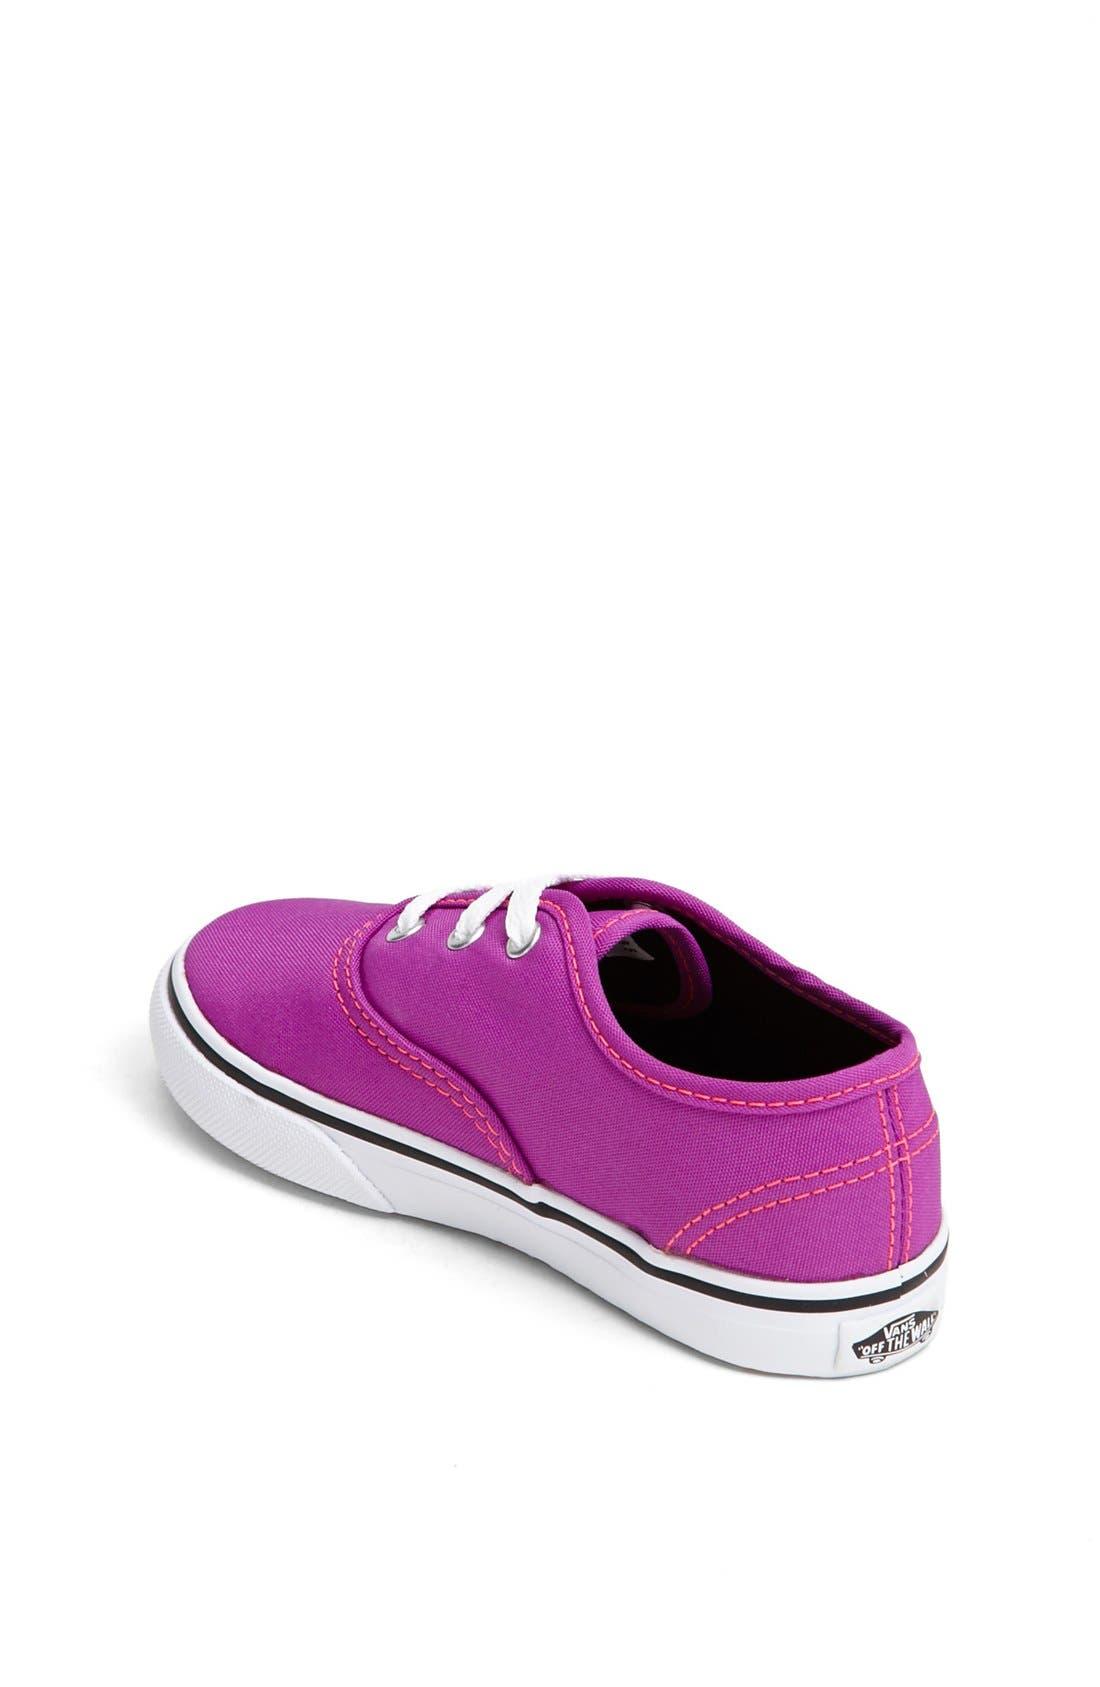 Alternate Image 2  - Vans 'Authentic' Neon Sneaker (Baby, Walker & Toddler)